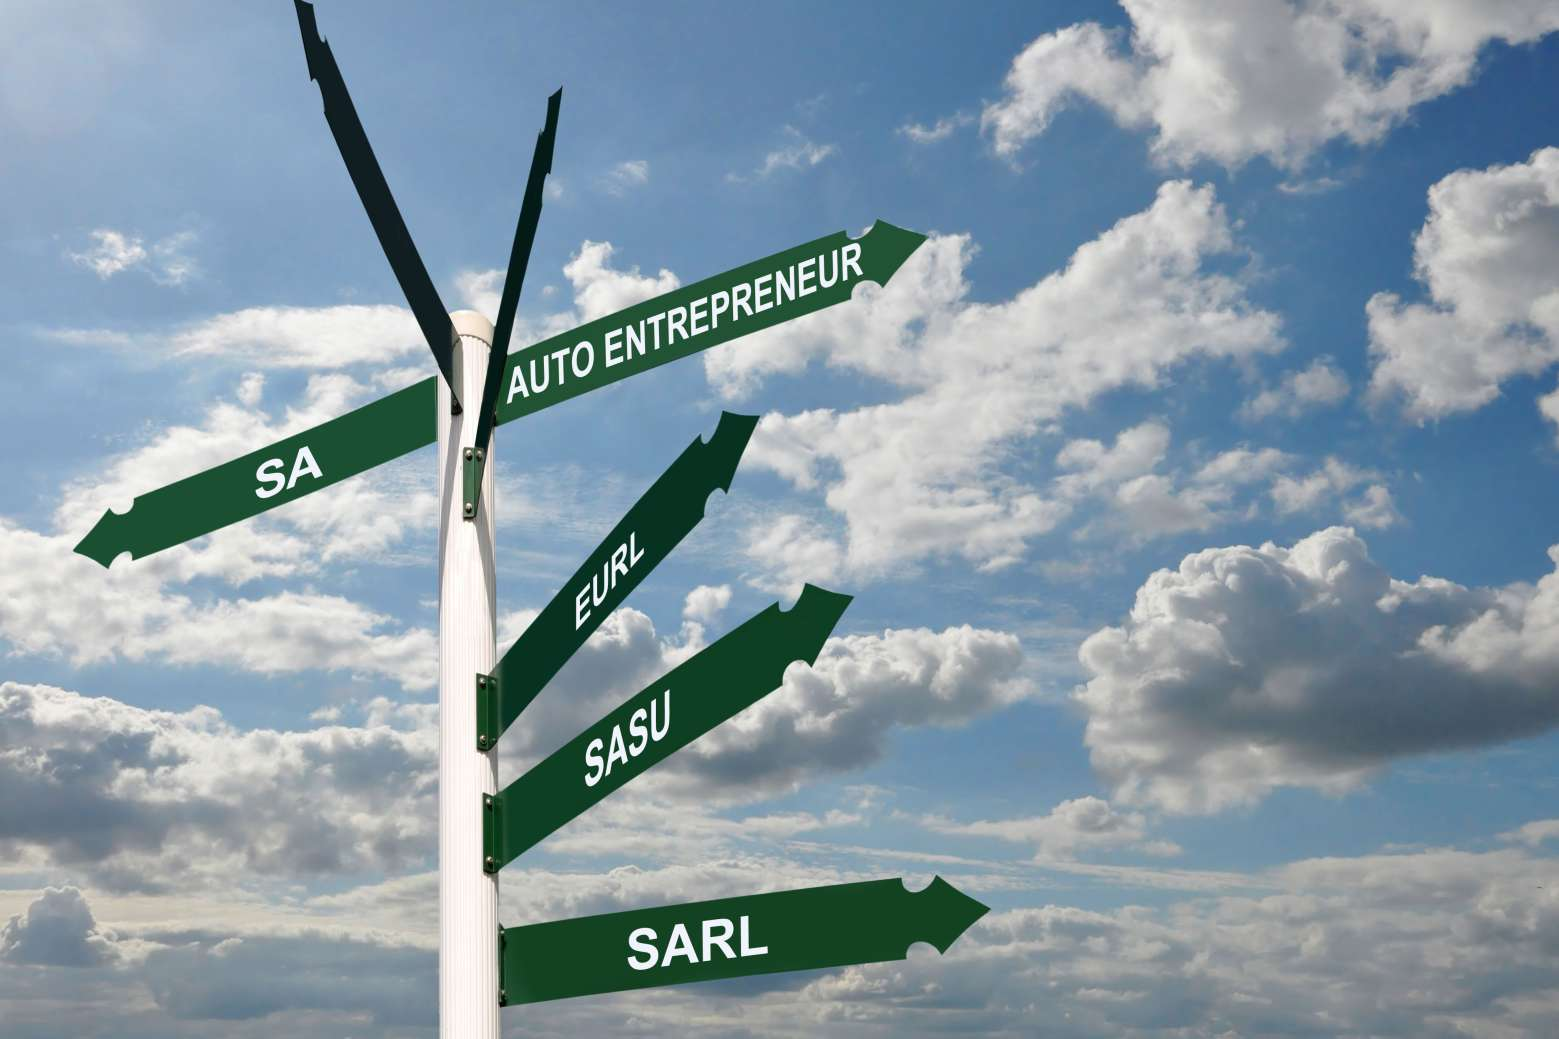 Un panneau devant un ciel nuageux mentionnant des directions SARL, SASU, AUTO ENTREPRENEUR